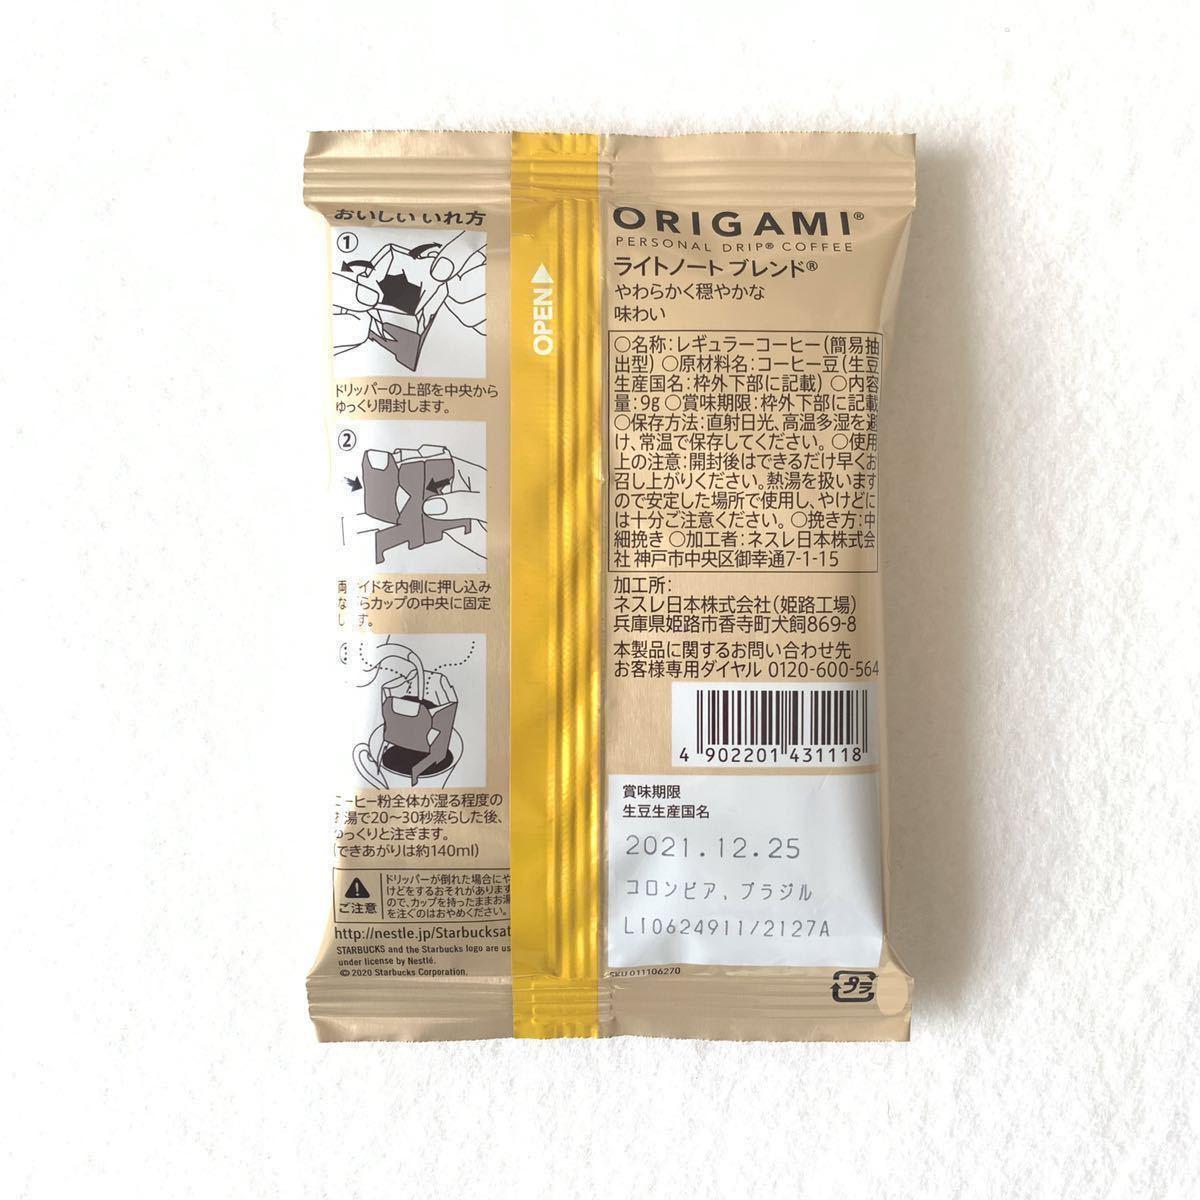 スターバックス オリガミ パーソナルドリップコーヒー パイクプレイスロースト ライトノートブレンドなど 全4種類 15袋